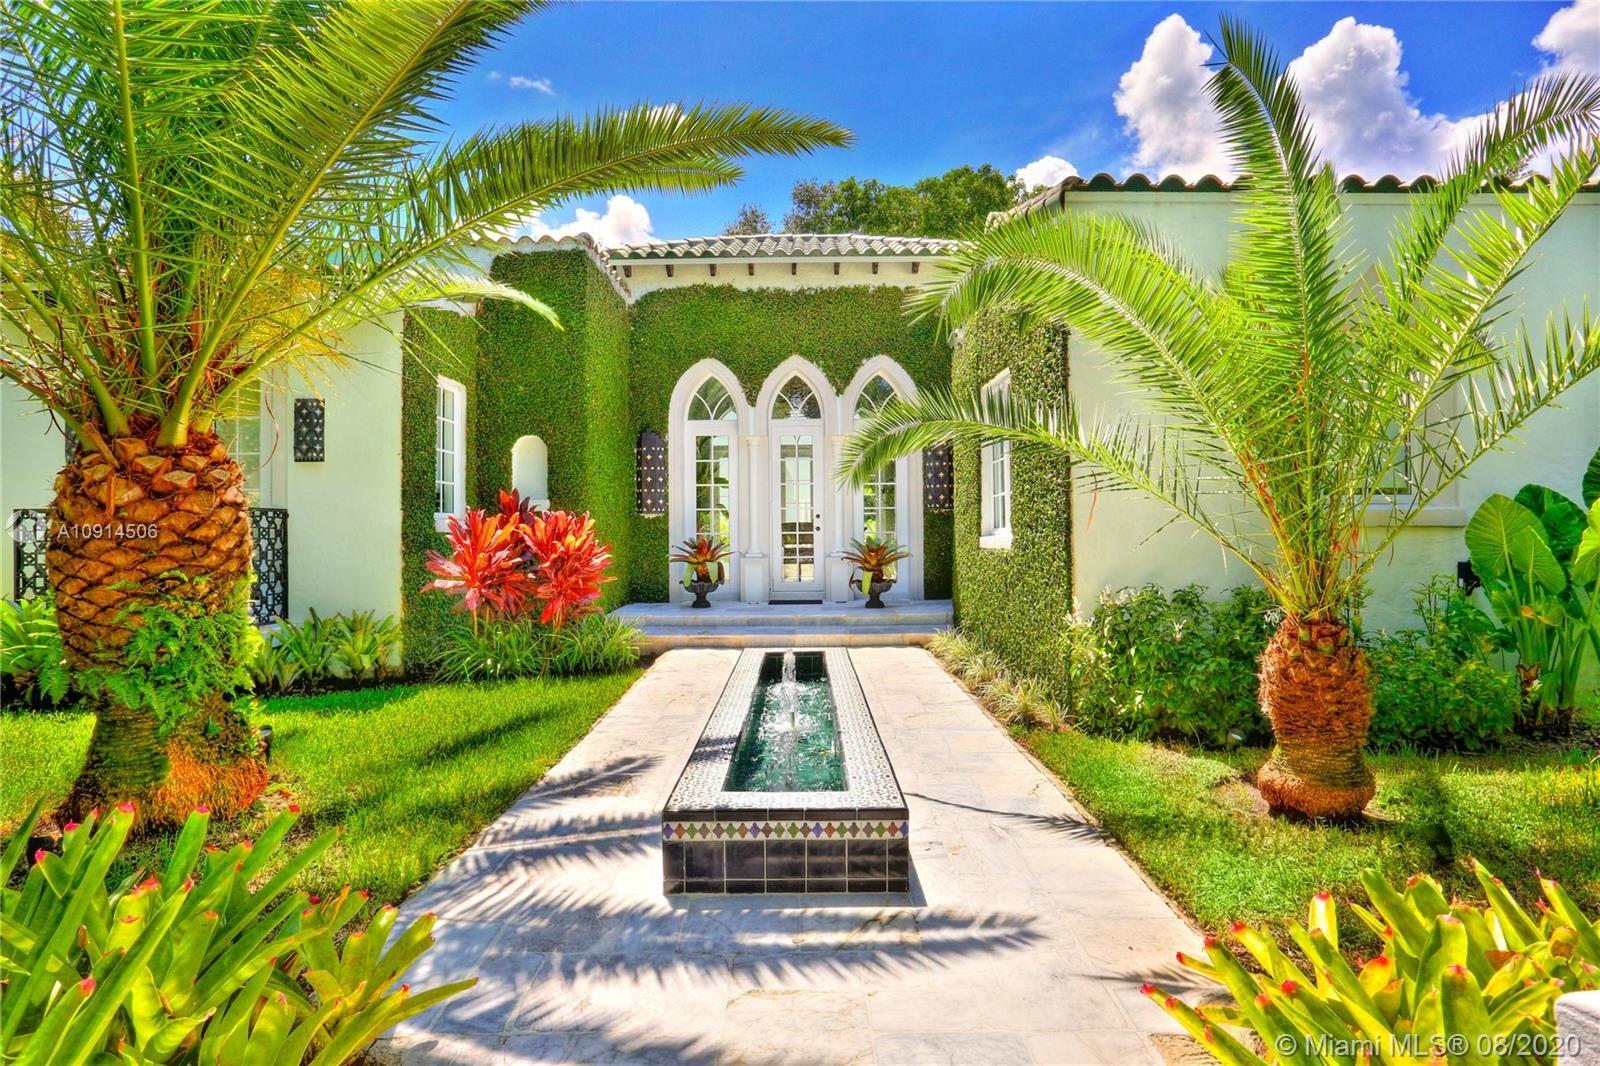 5538 San Vicente St, Coral Gables, FL 33146 - #: A10914506